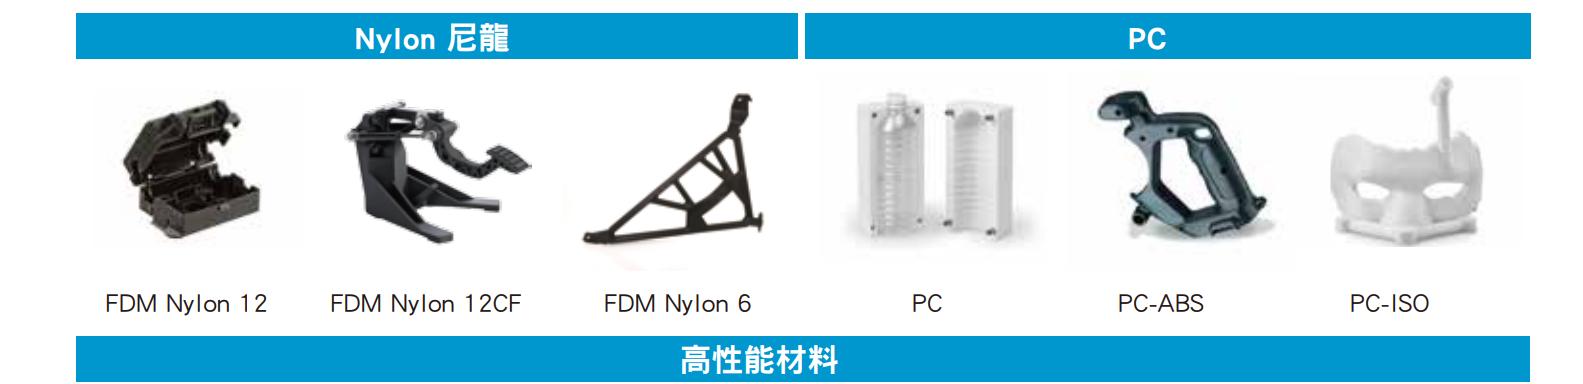 奧迪使用獨特的J750 3D列印機生成超逼真,多色,透明的尾燈蓋